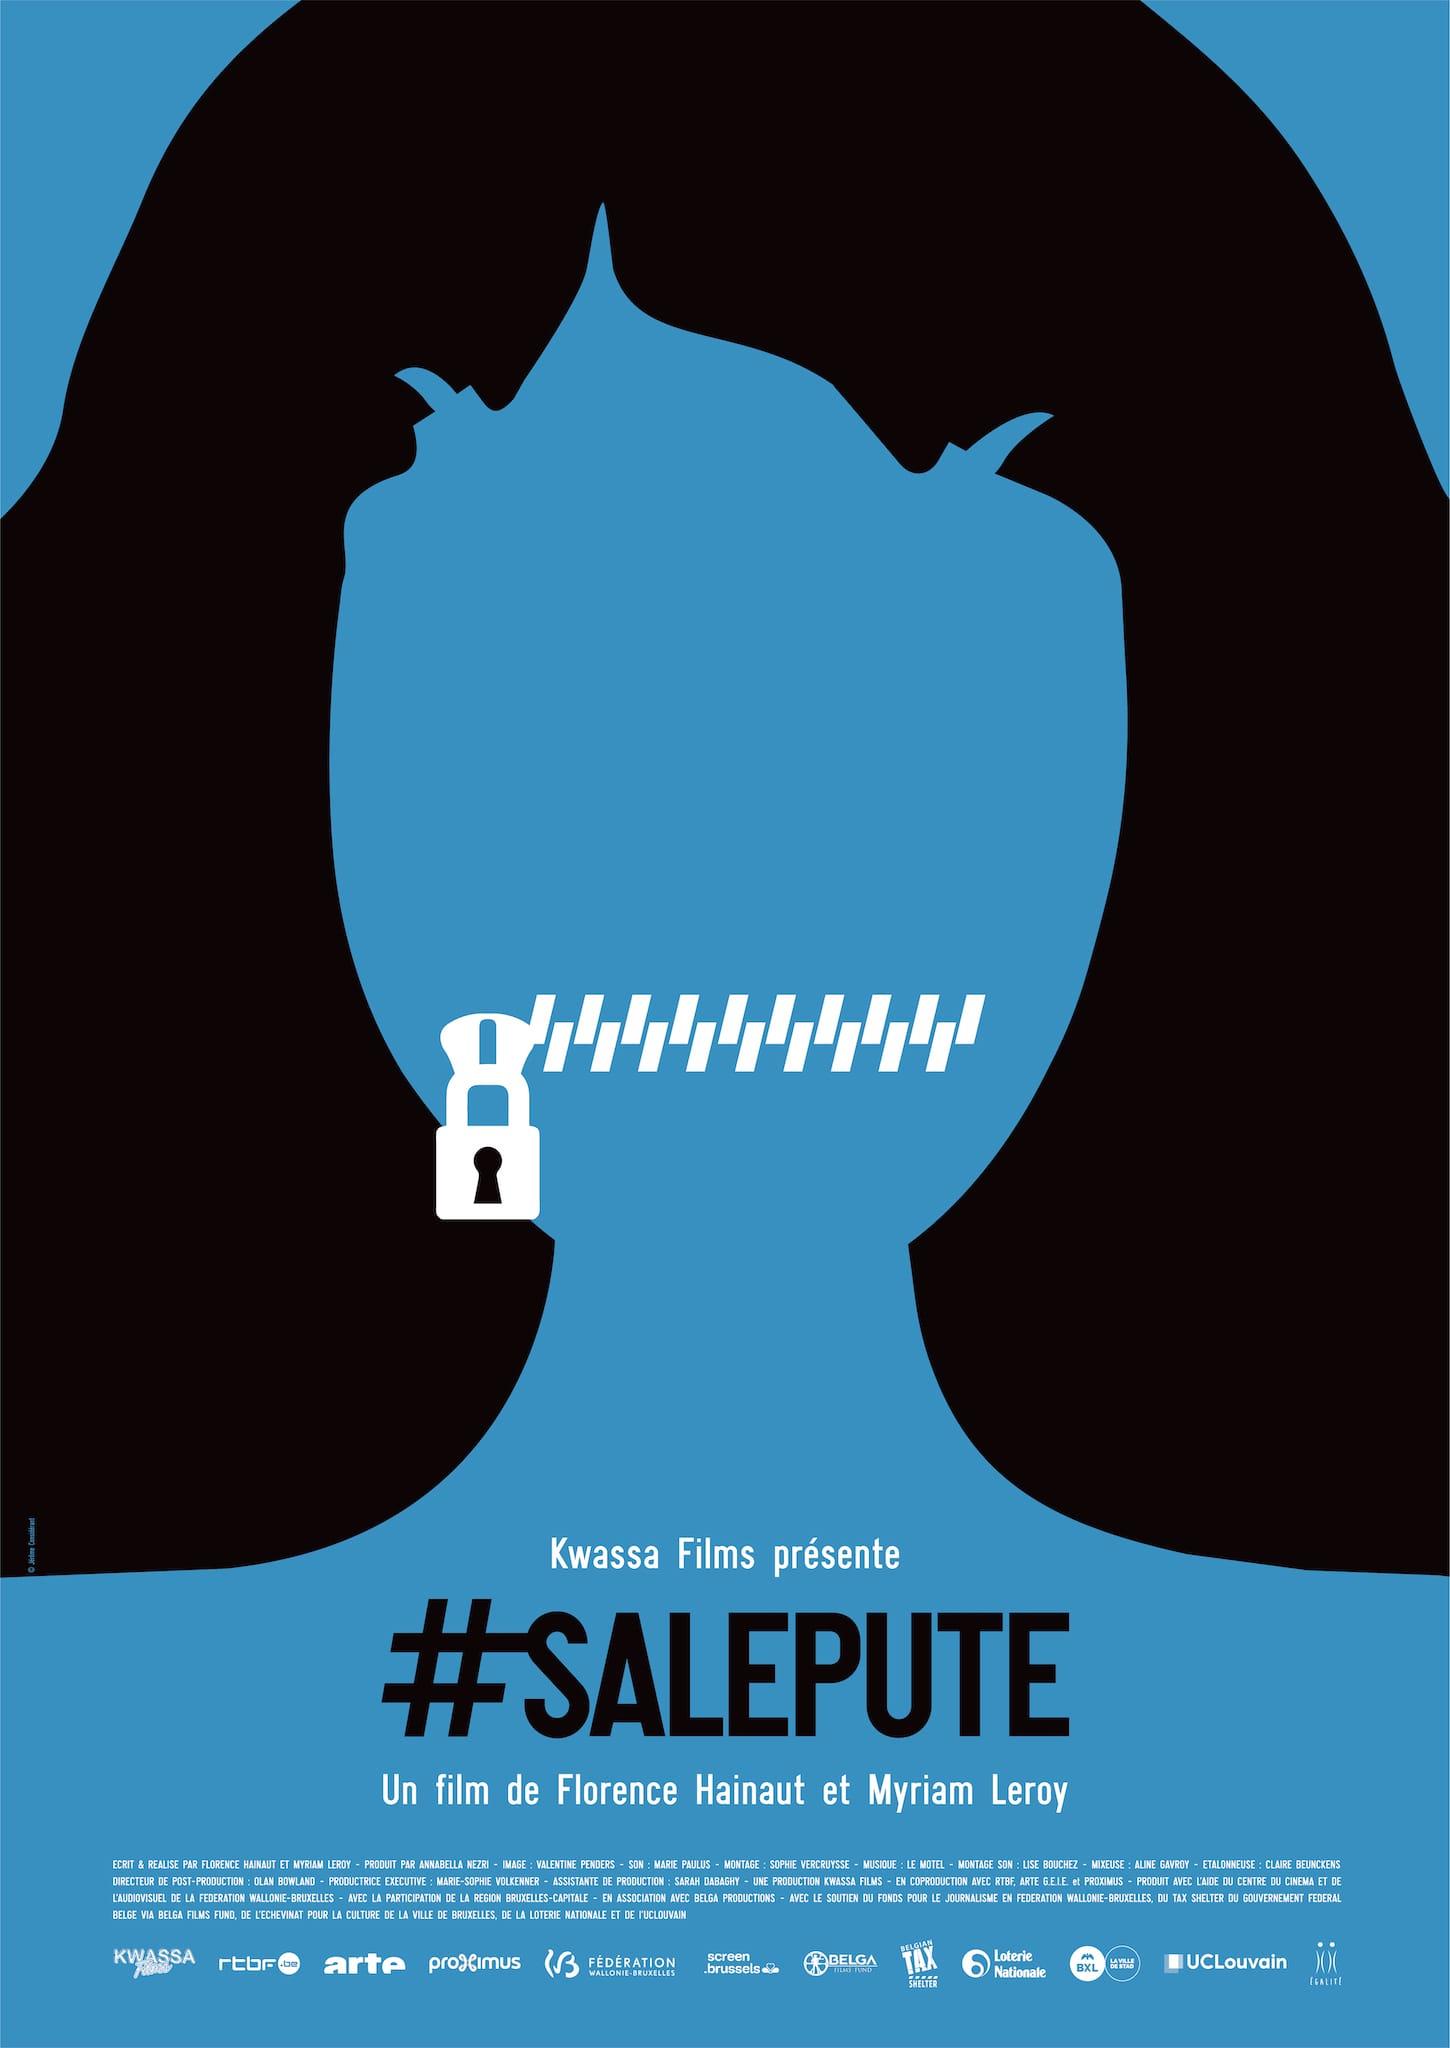 #SalePute de Florence Hainaut et Myriam Leroy affiche documentaire